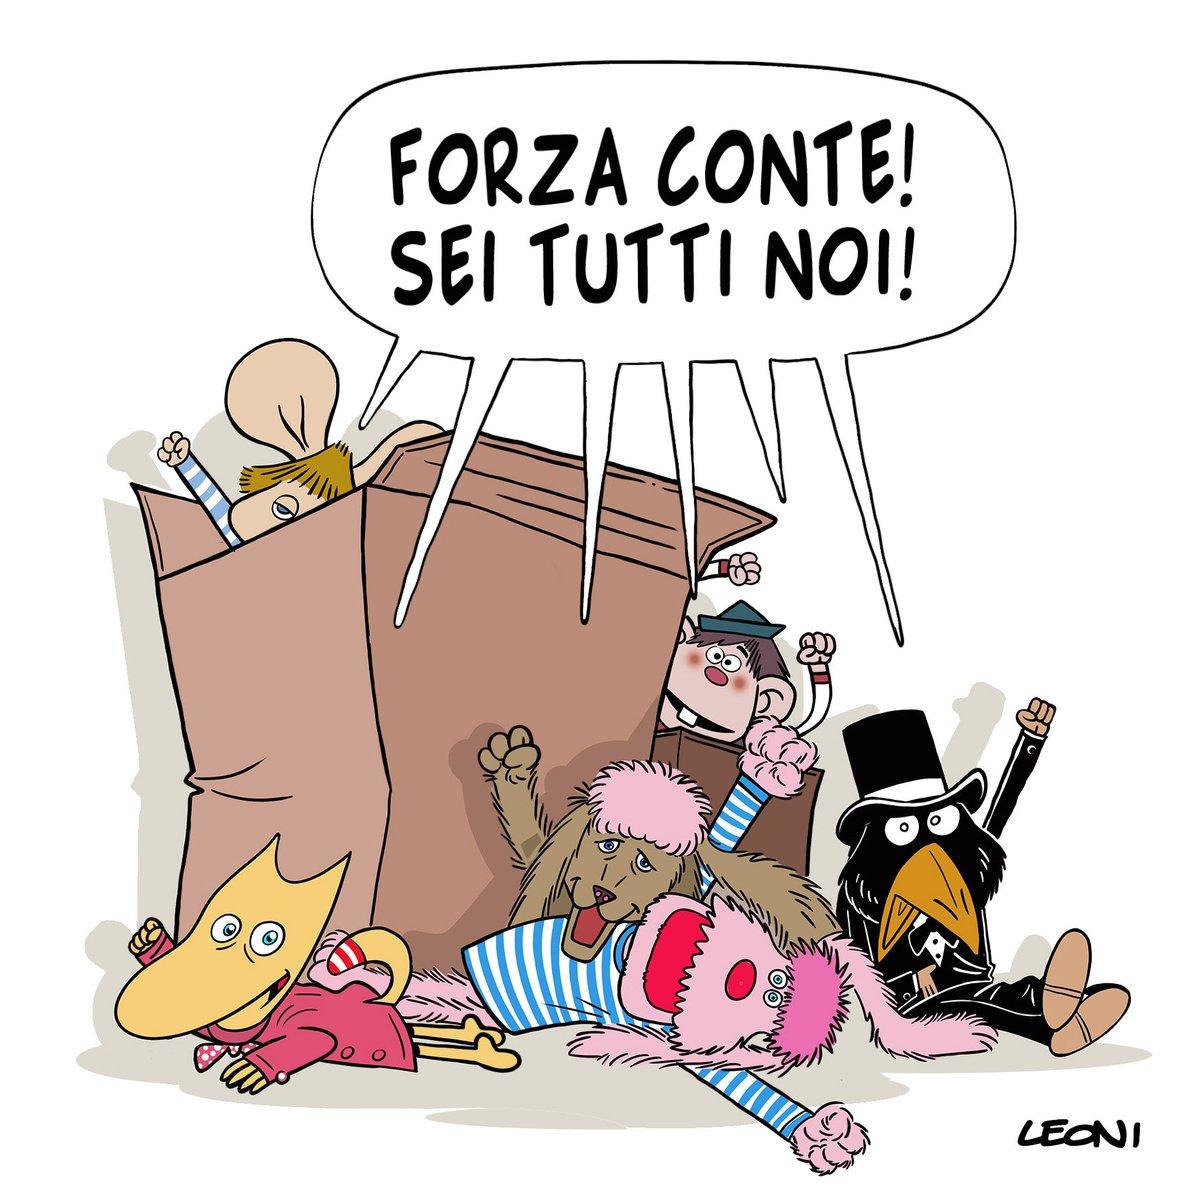 #GiuseppeConte